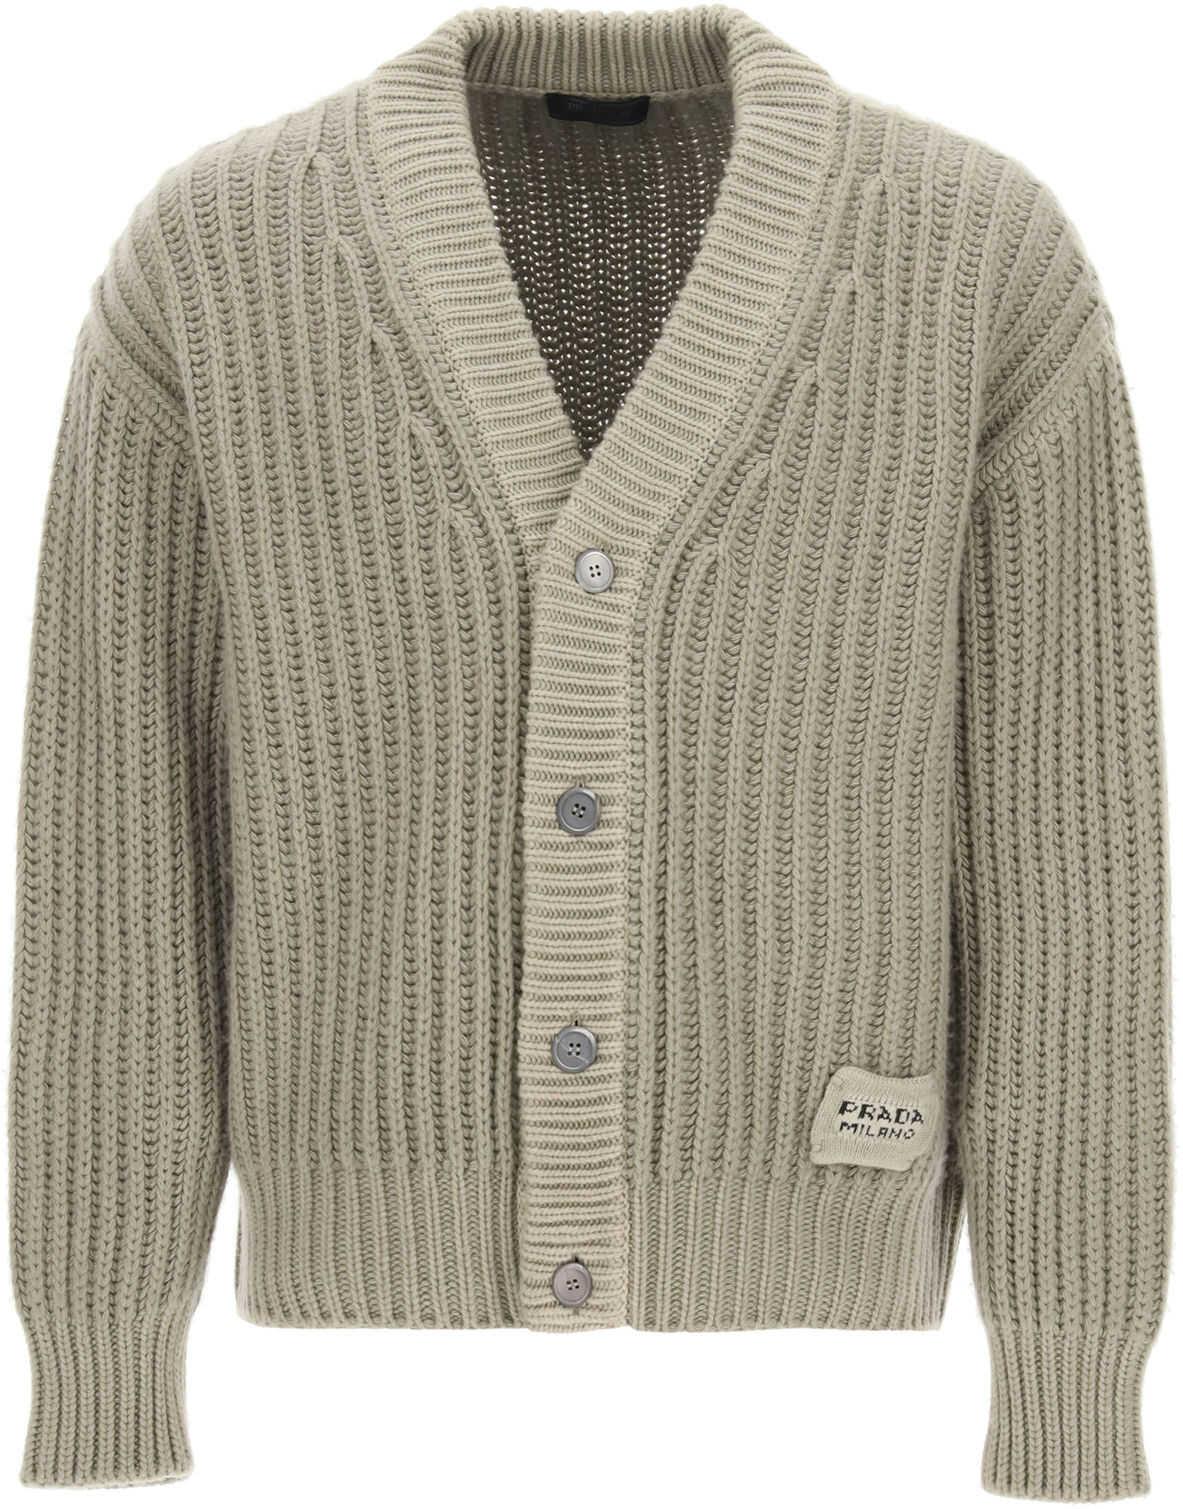 Prada Wool And Cashmere Cardigan ALLUMINIO imagine